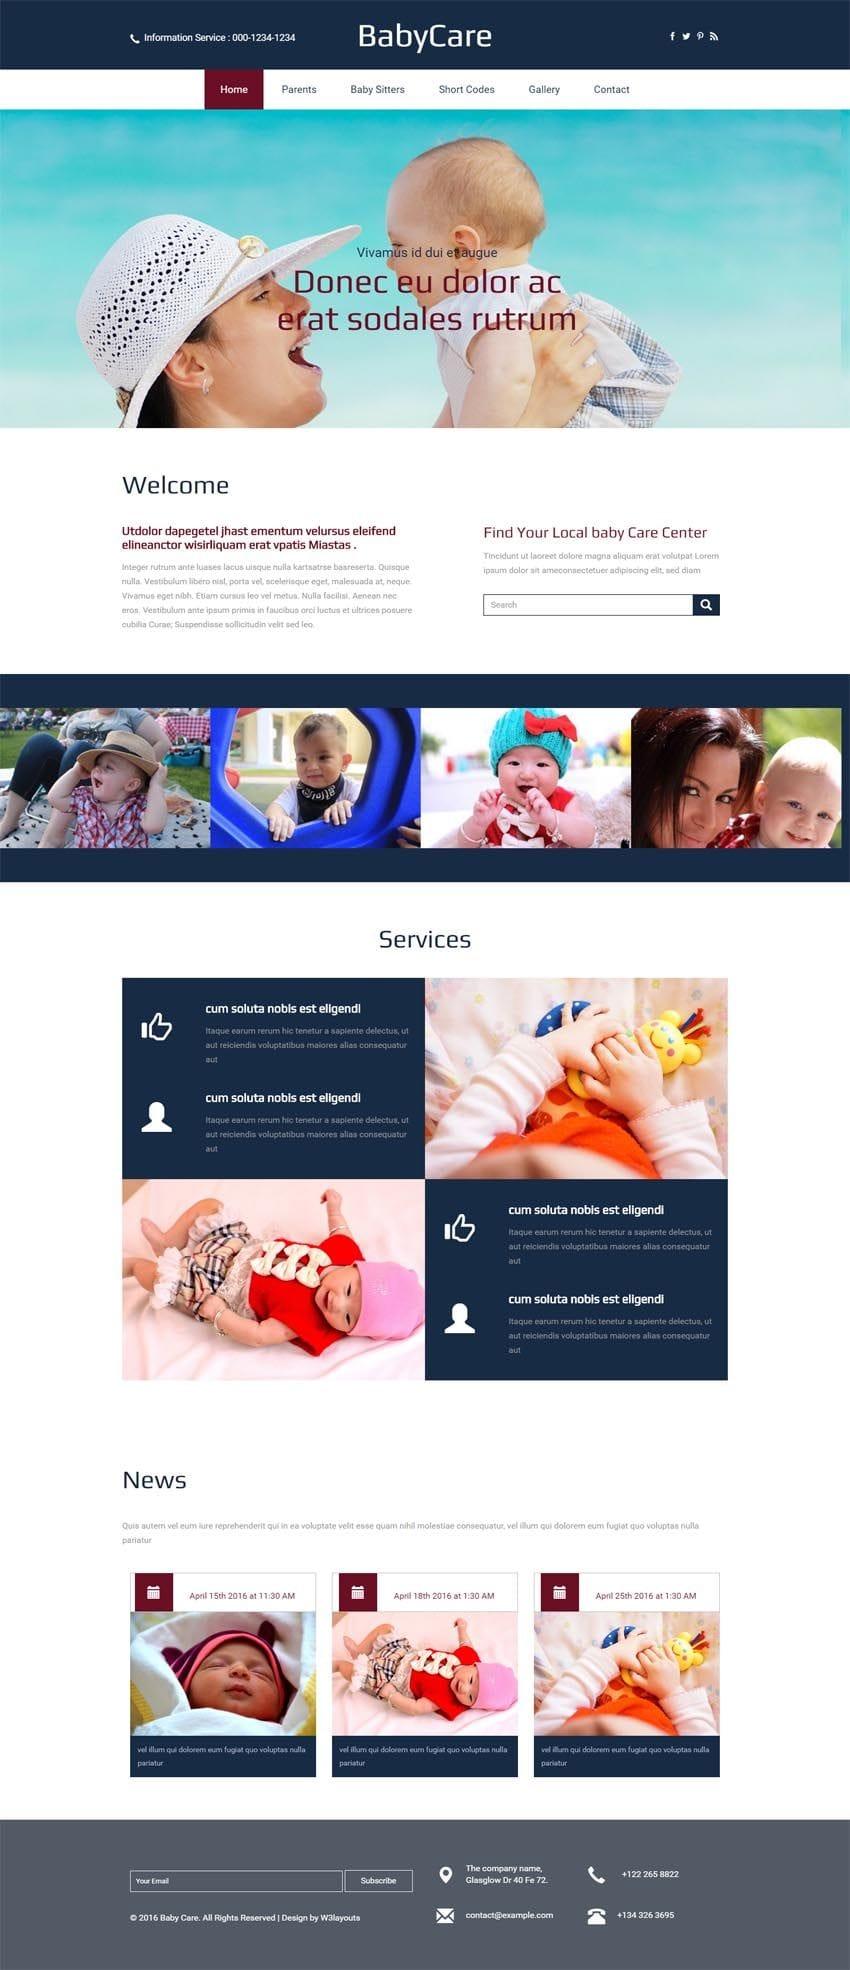 babycare_full